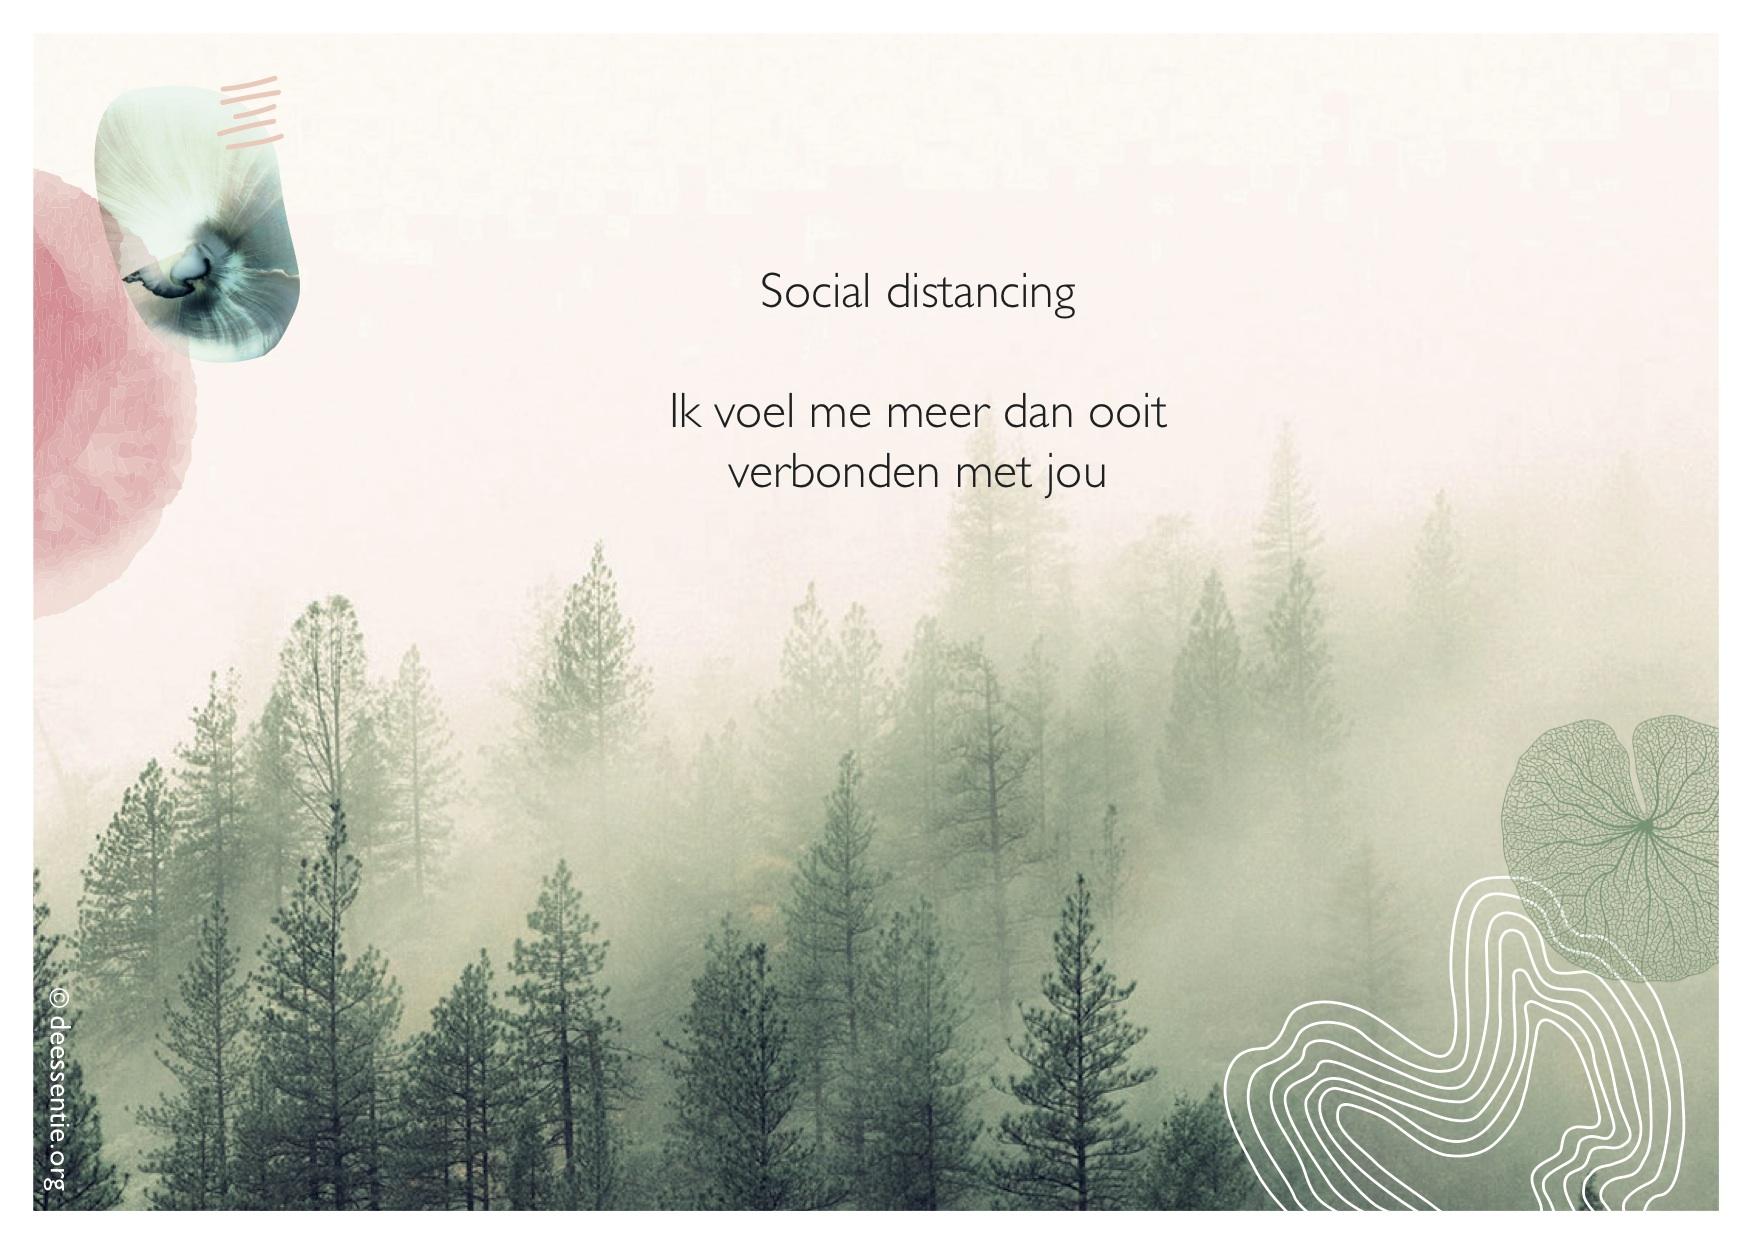 de essentie - social distancing.jpg